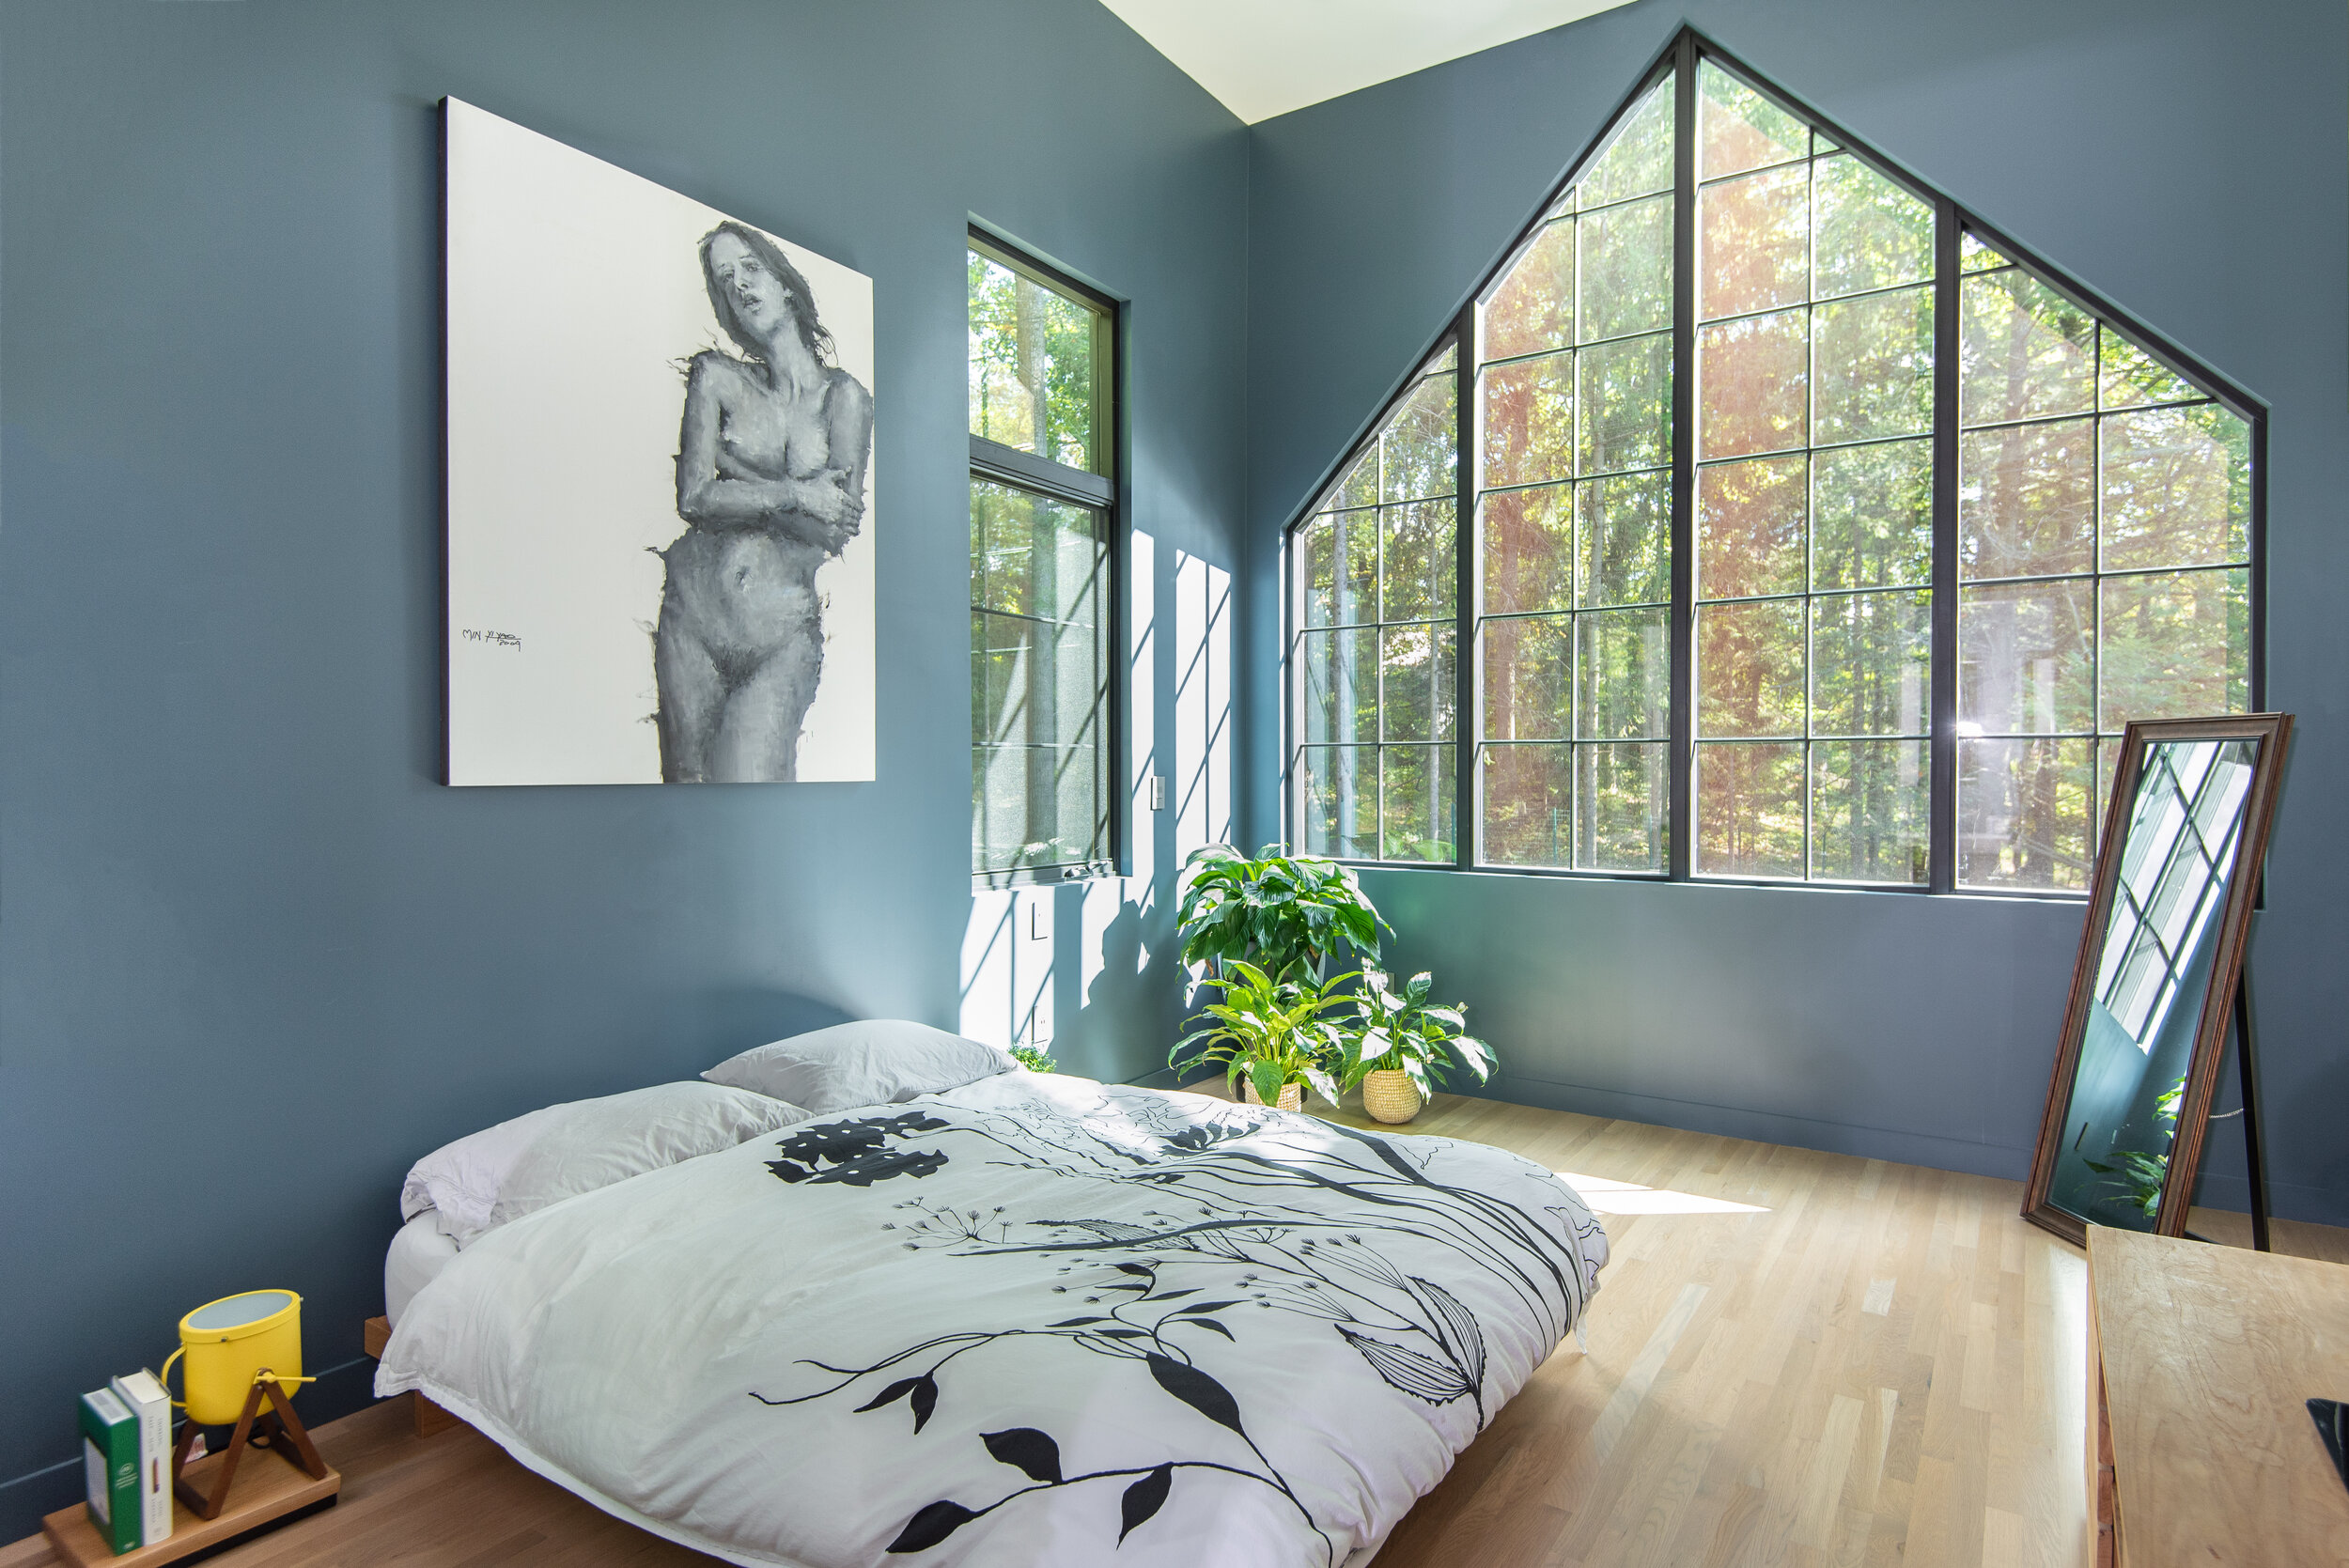 K&J interior-transformation